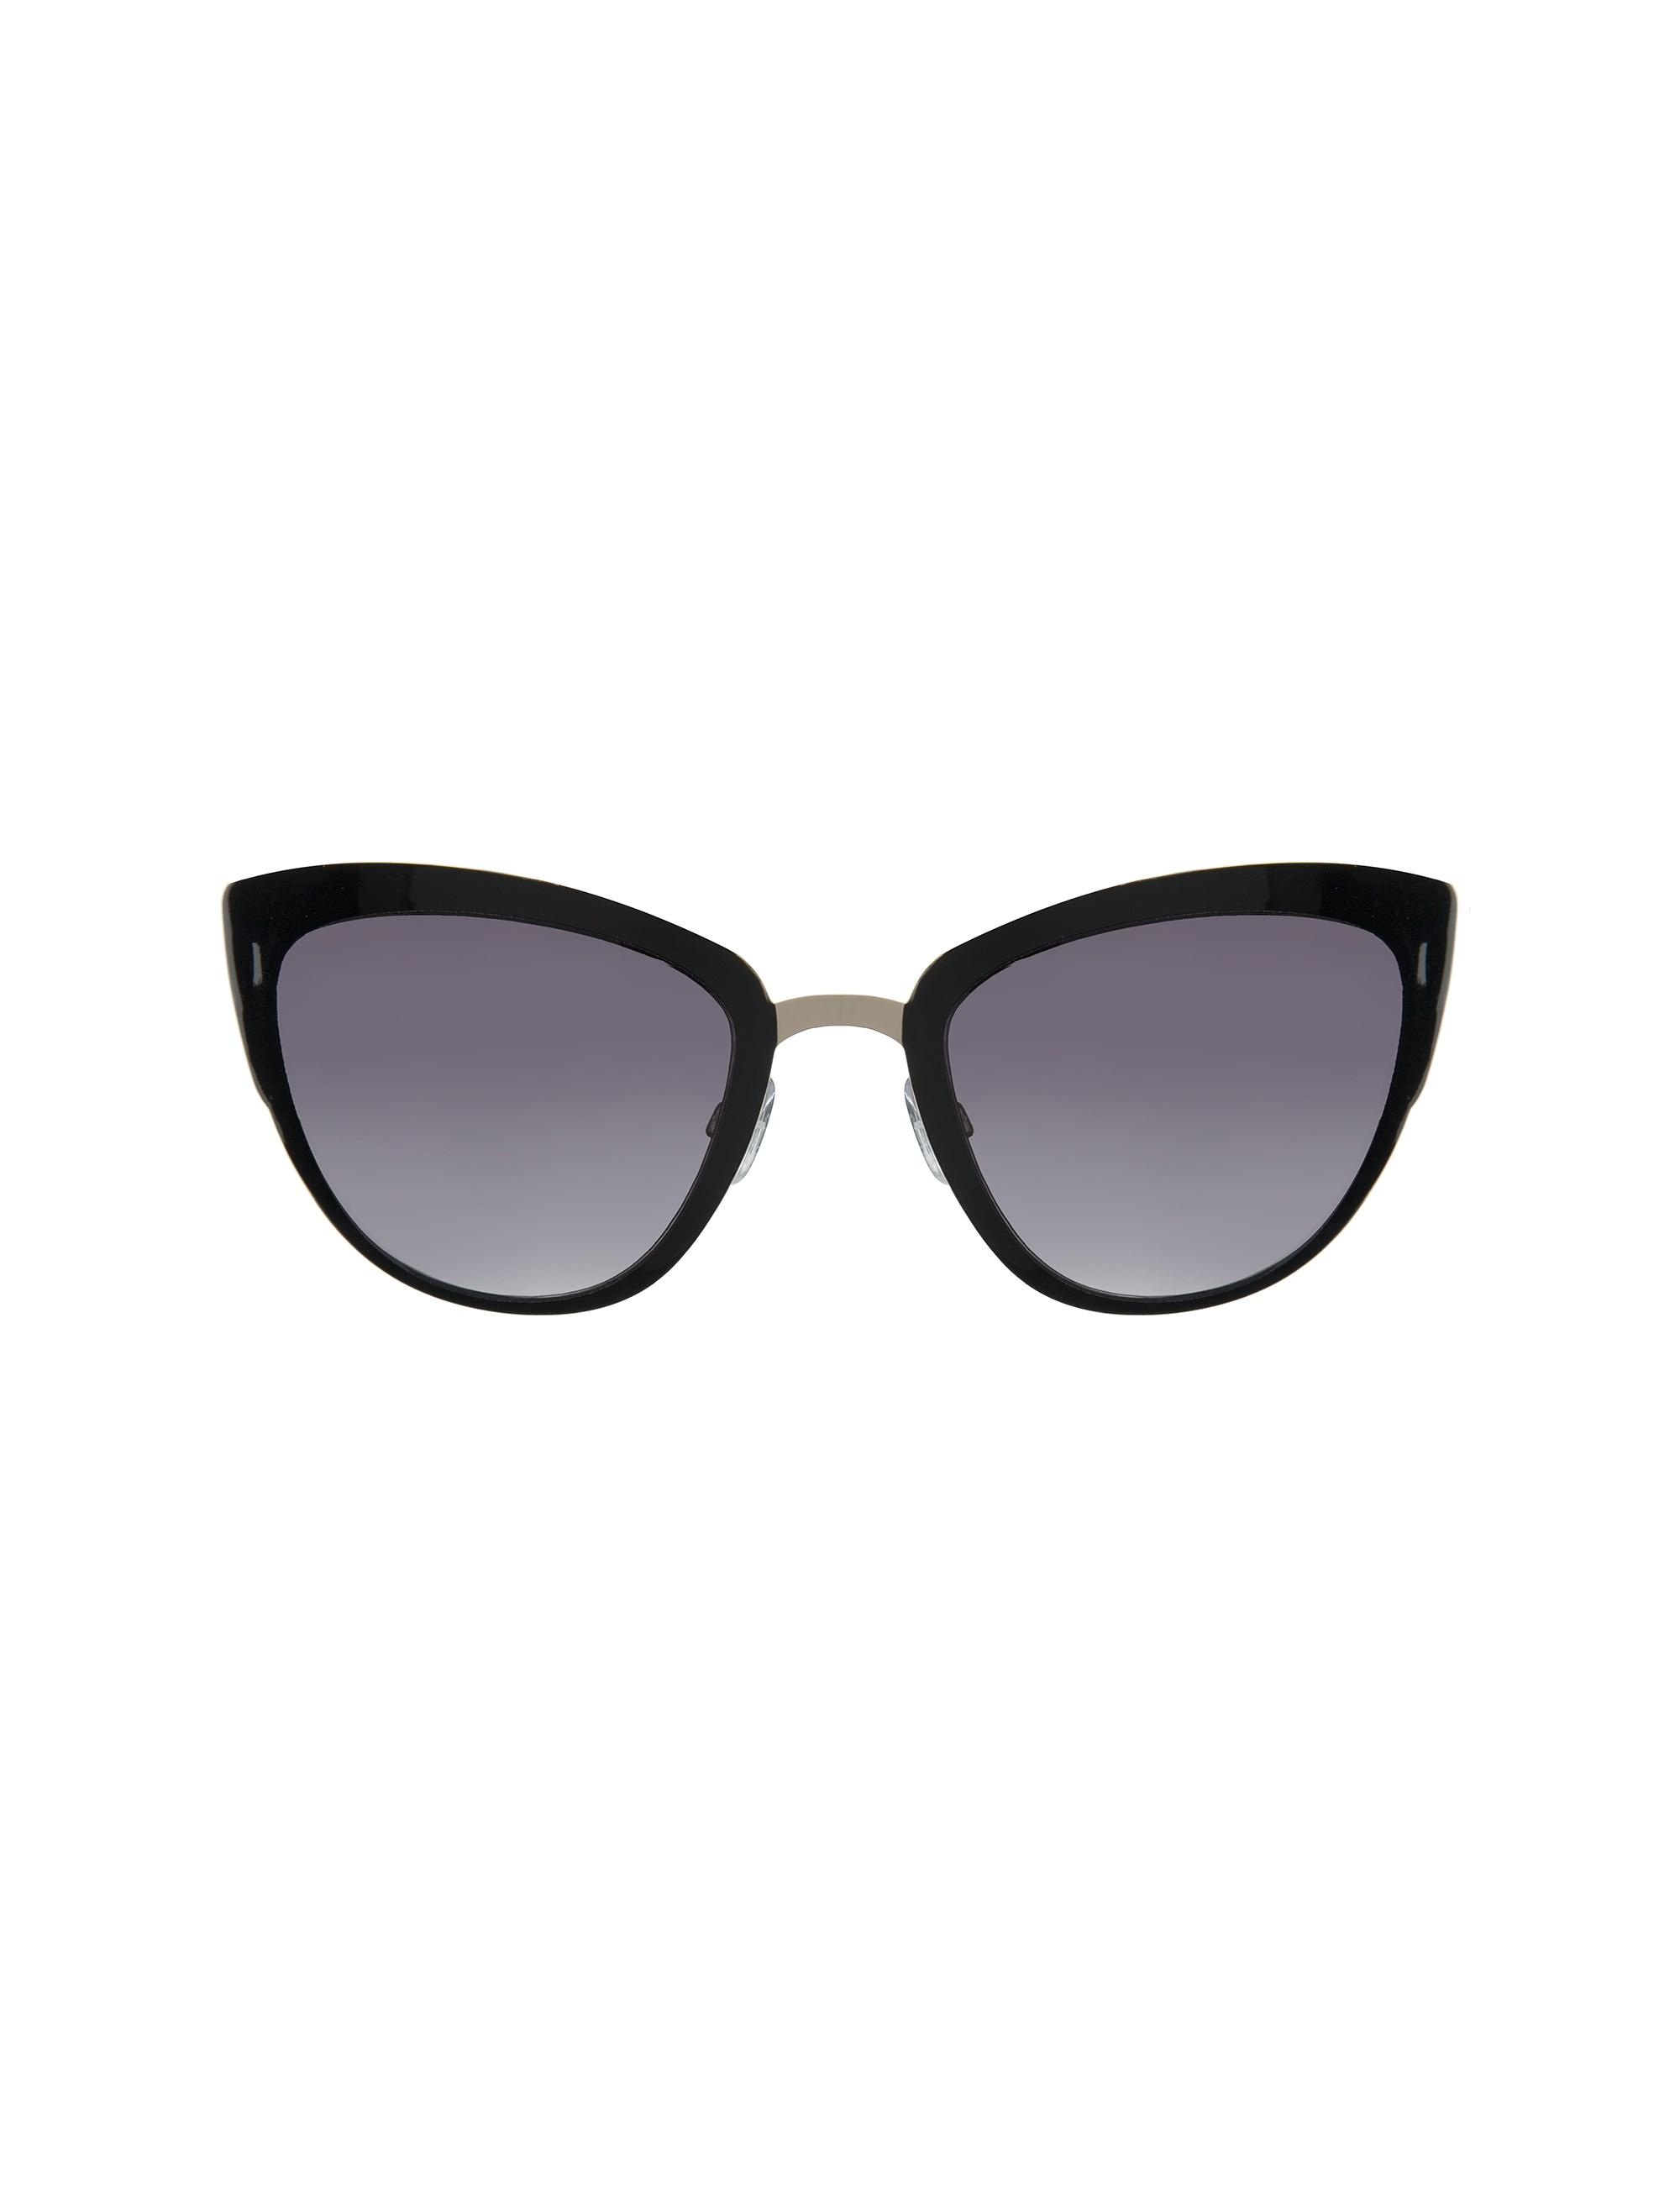 عینک آفتابی پروانه ای زنانه - مانگو